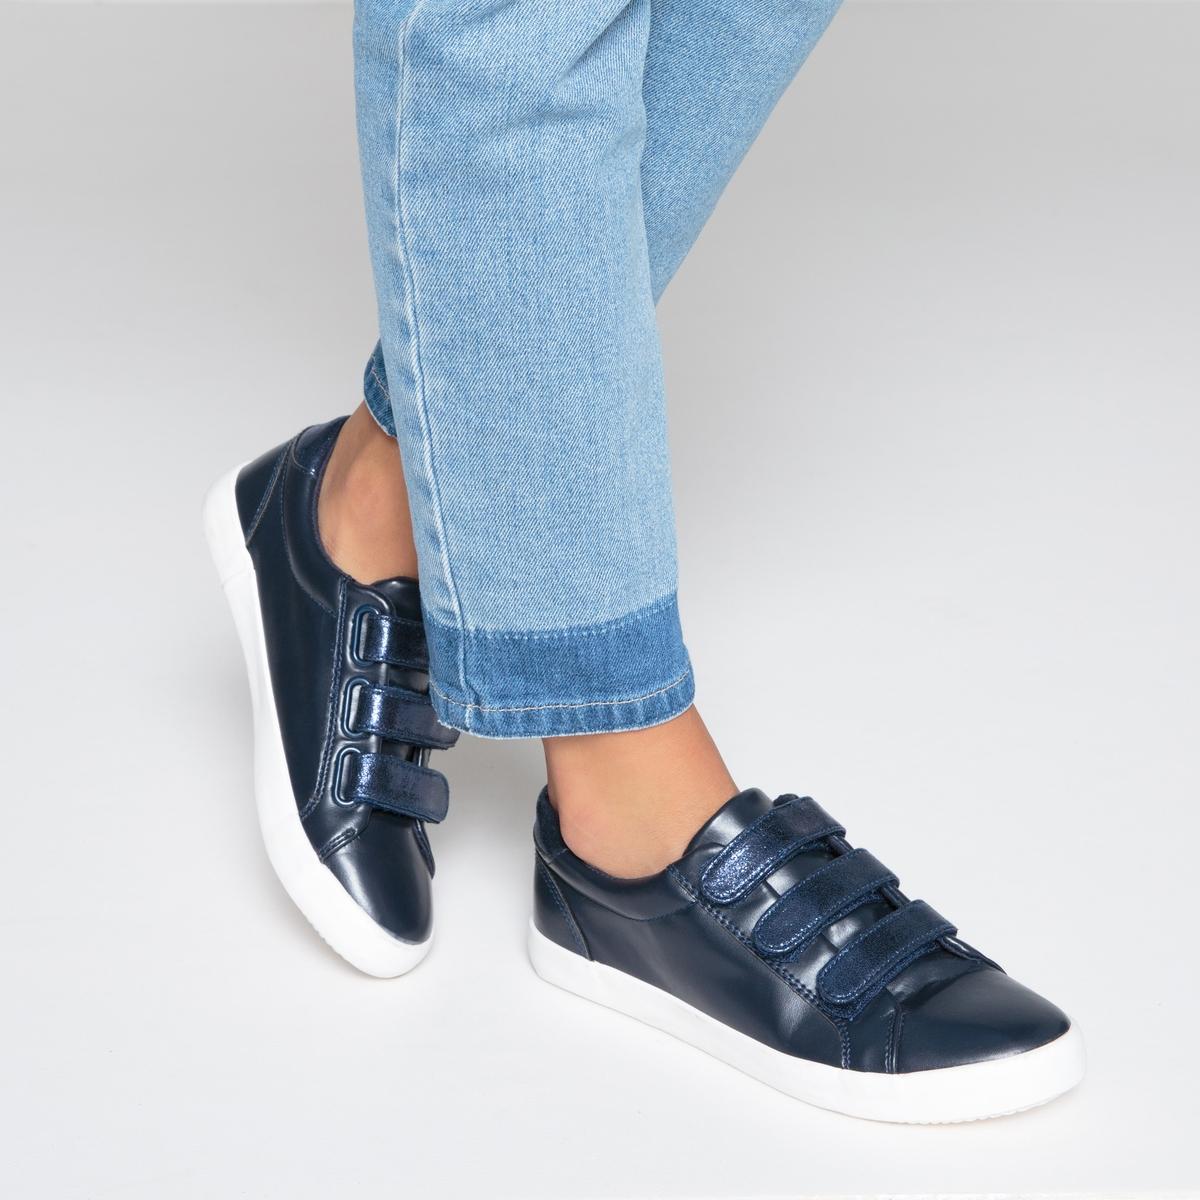 Zapatillas con cierre autoadherente irisadas